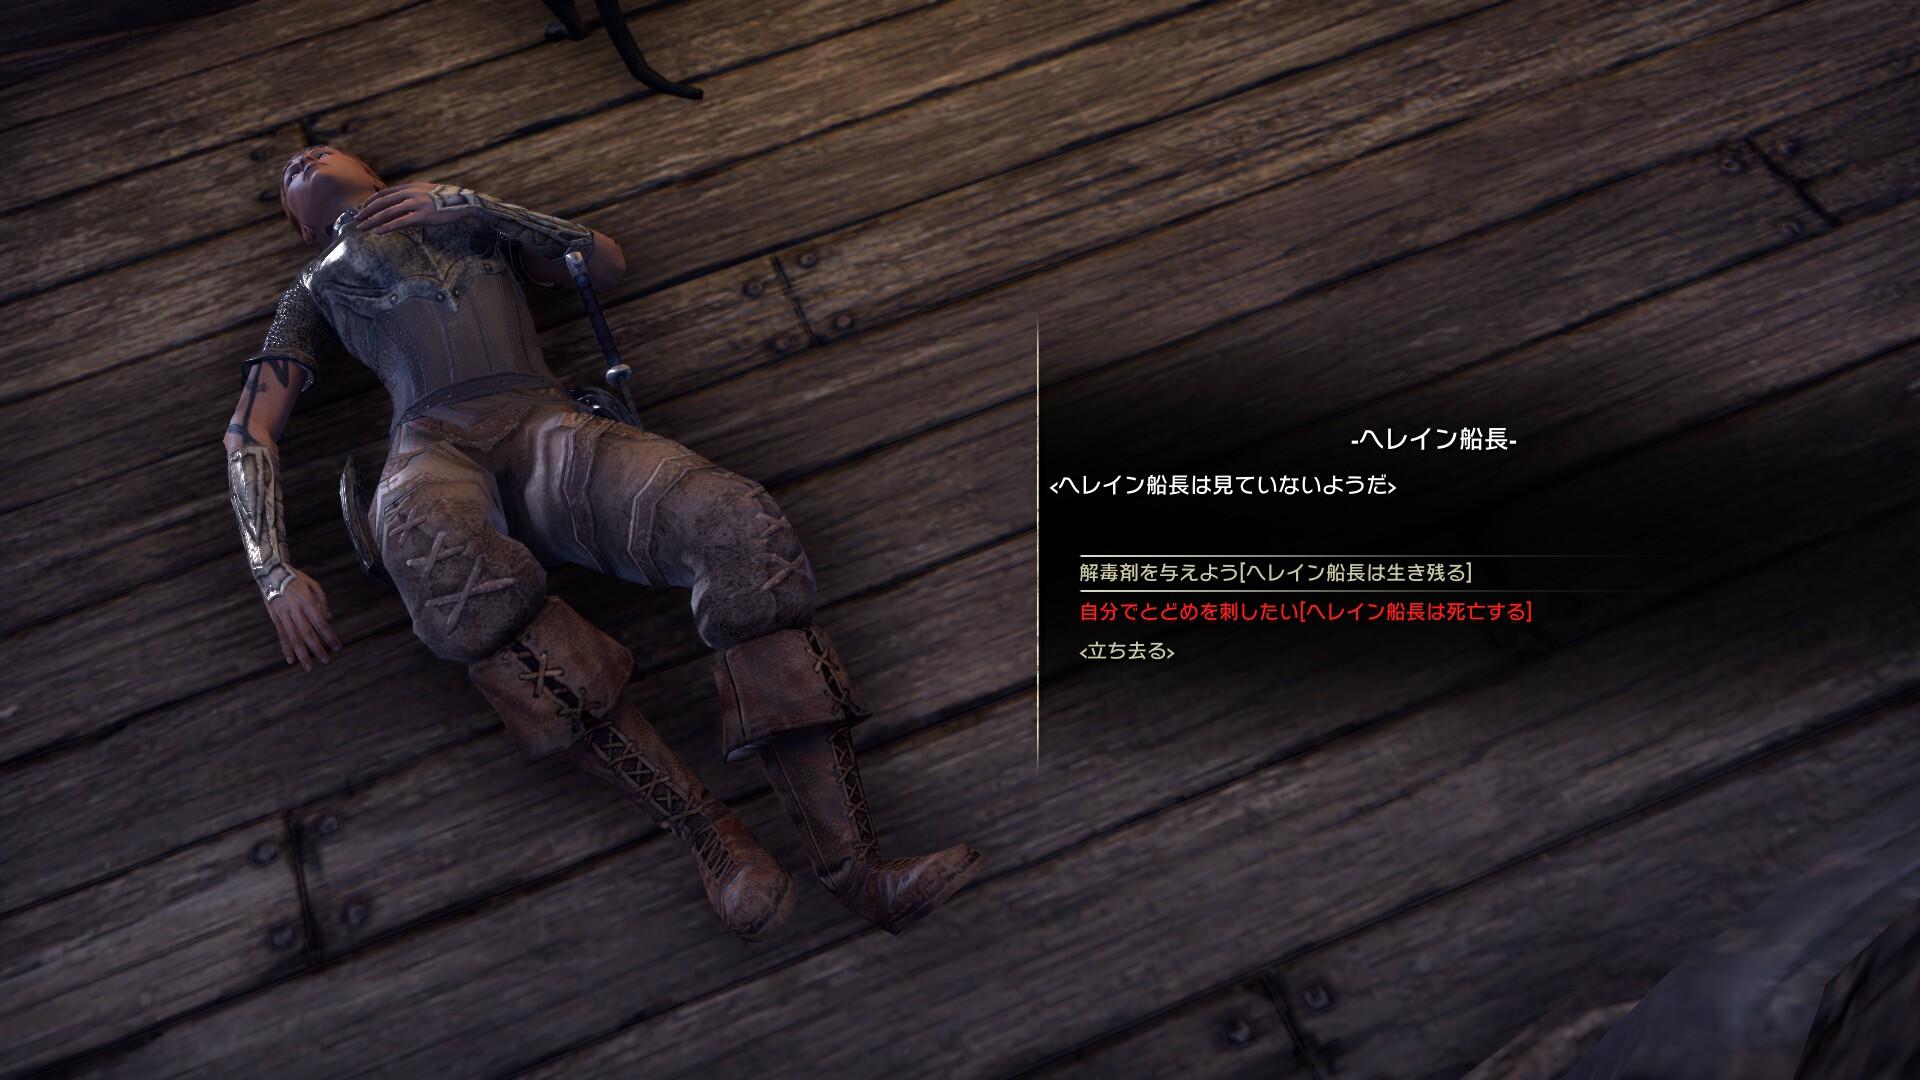 ストーリー上の重要人物を生かすも殺すもプレイヤー次第